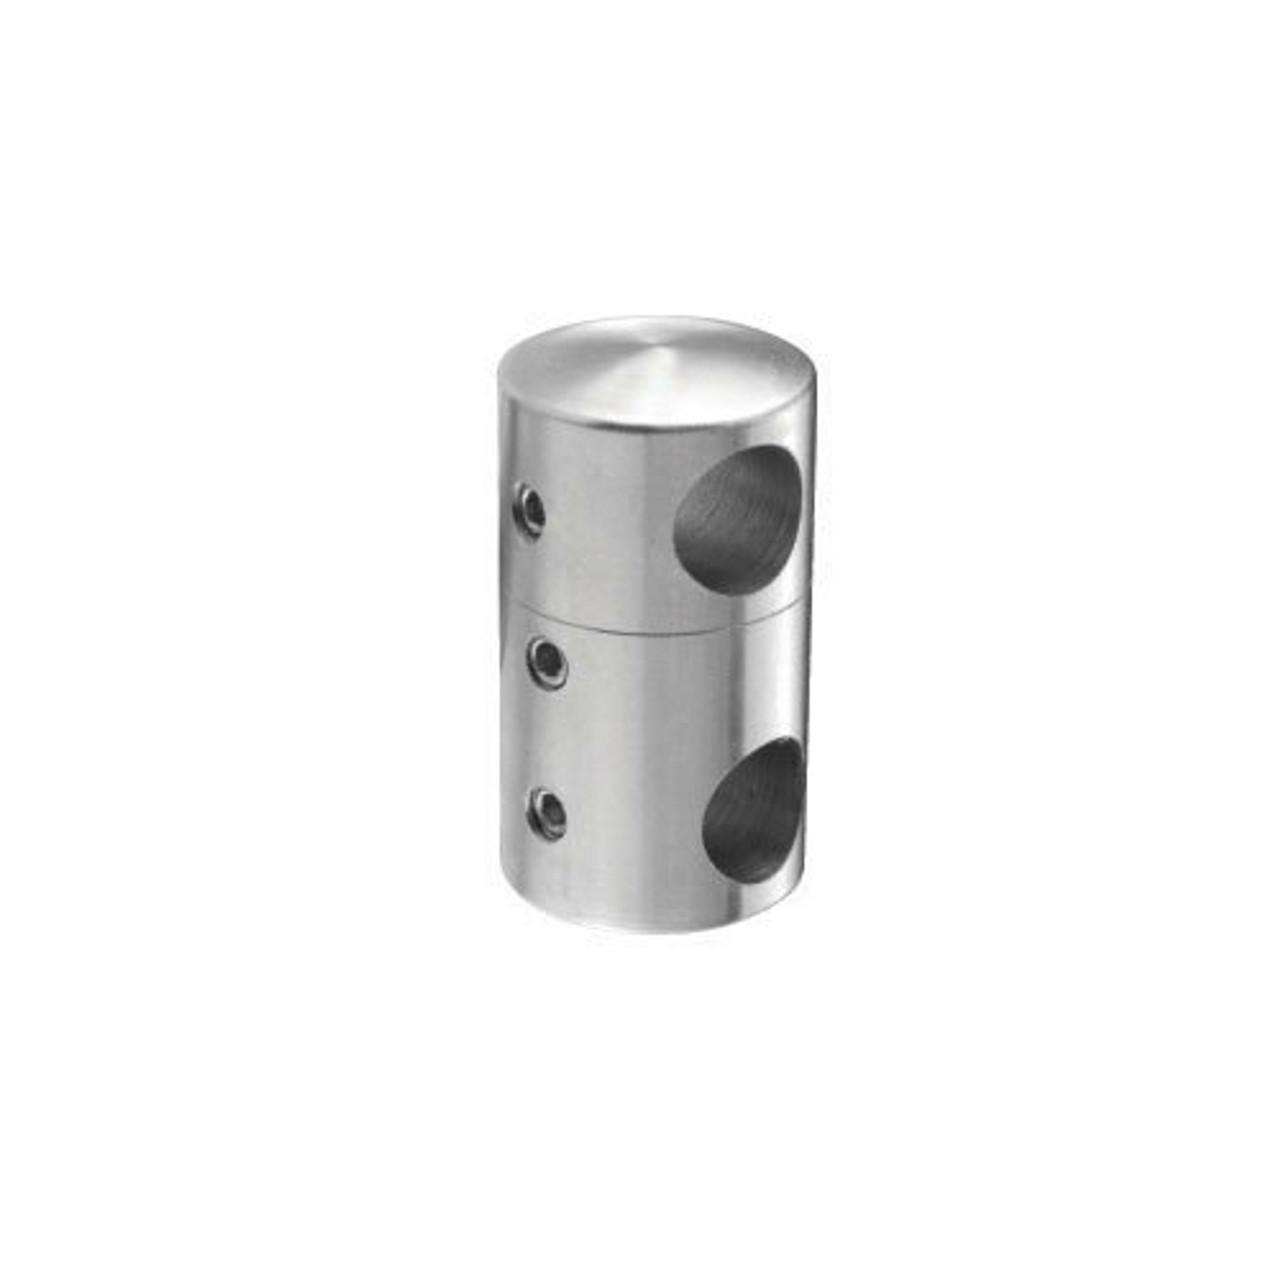 E006977 Stainless Steel Bar Holder, Vertical